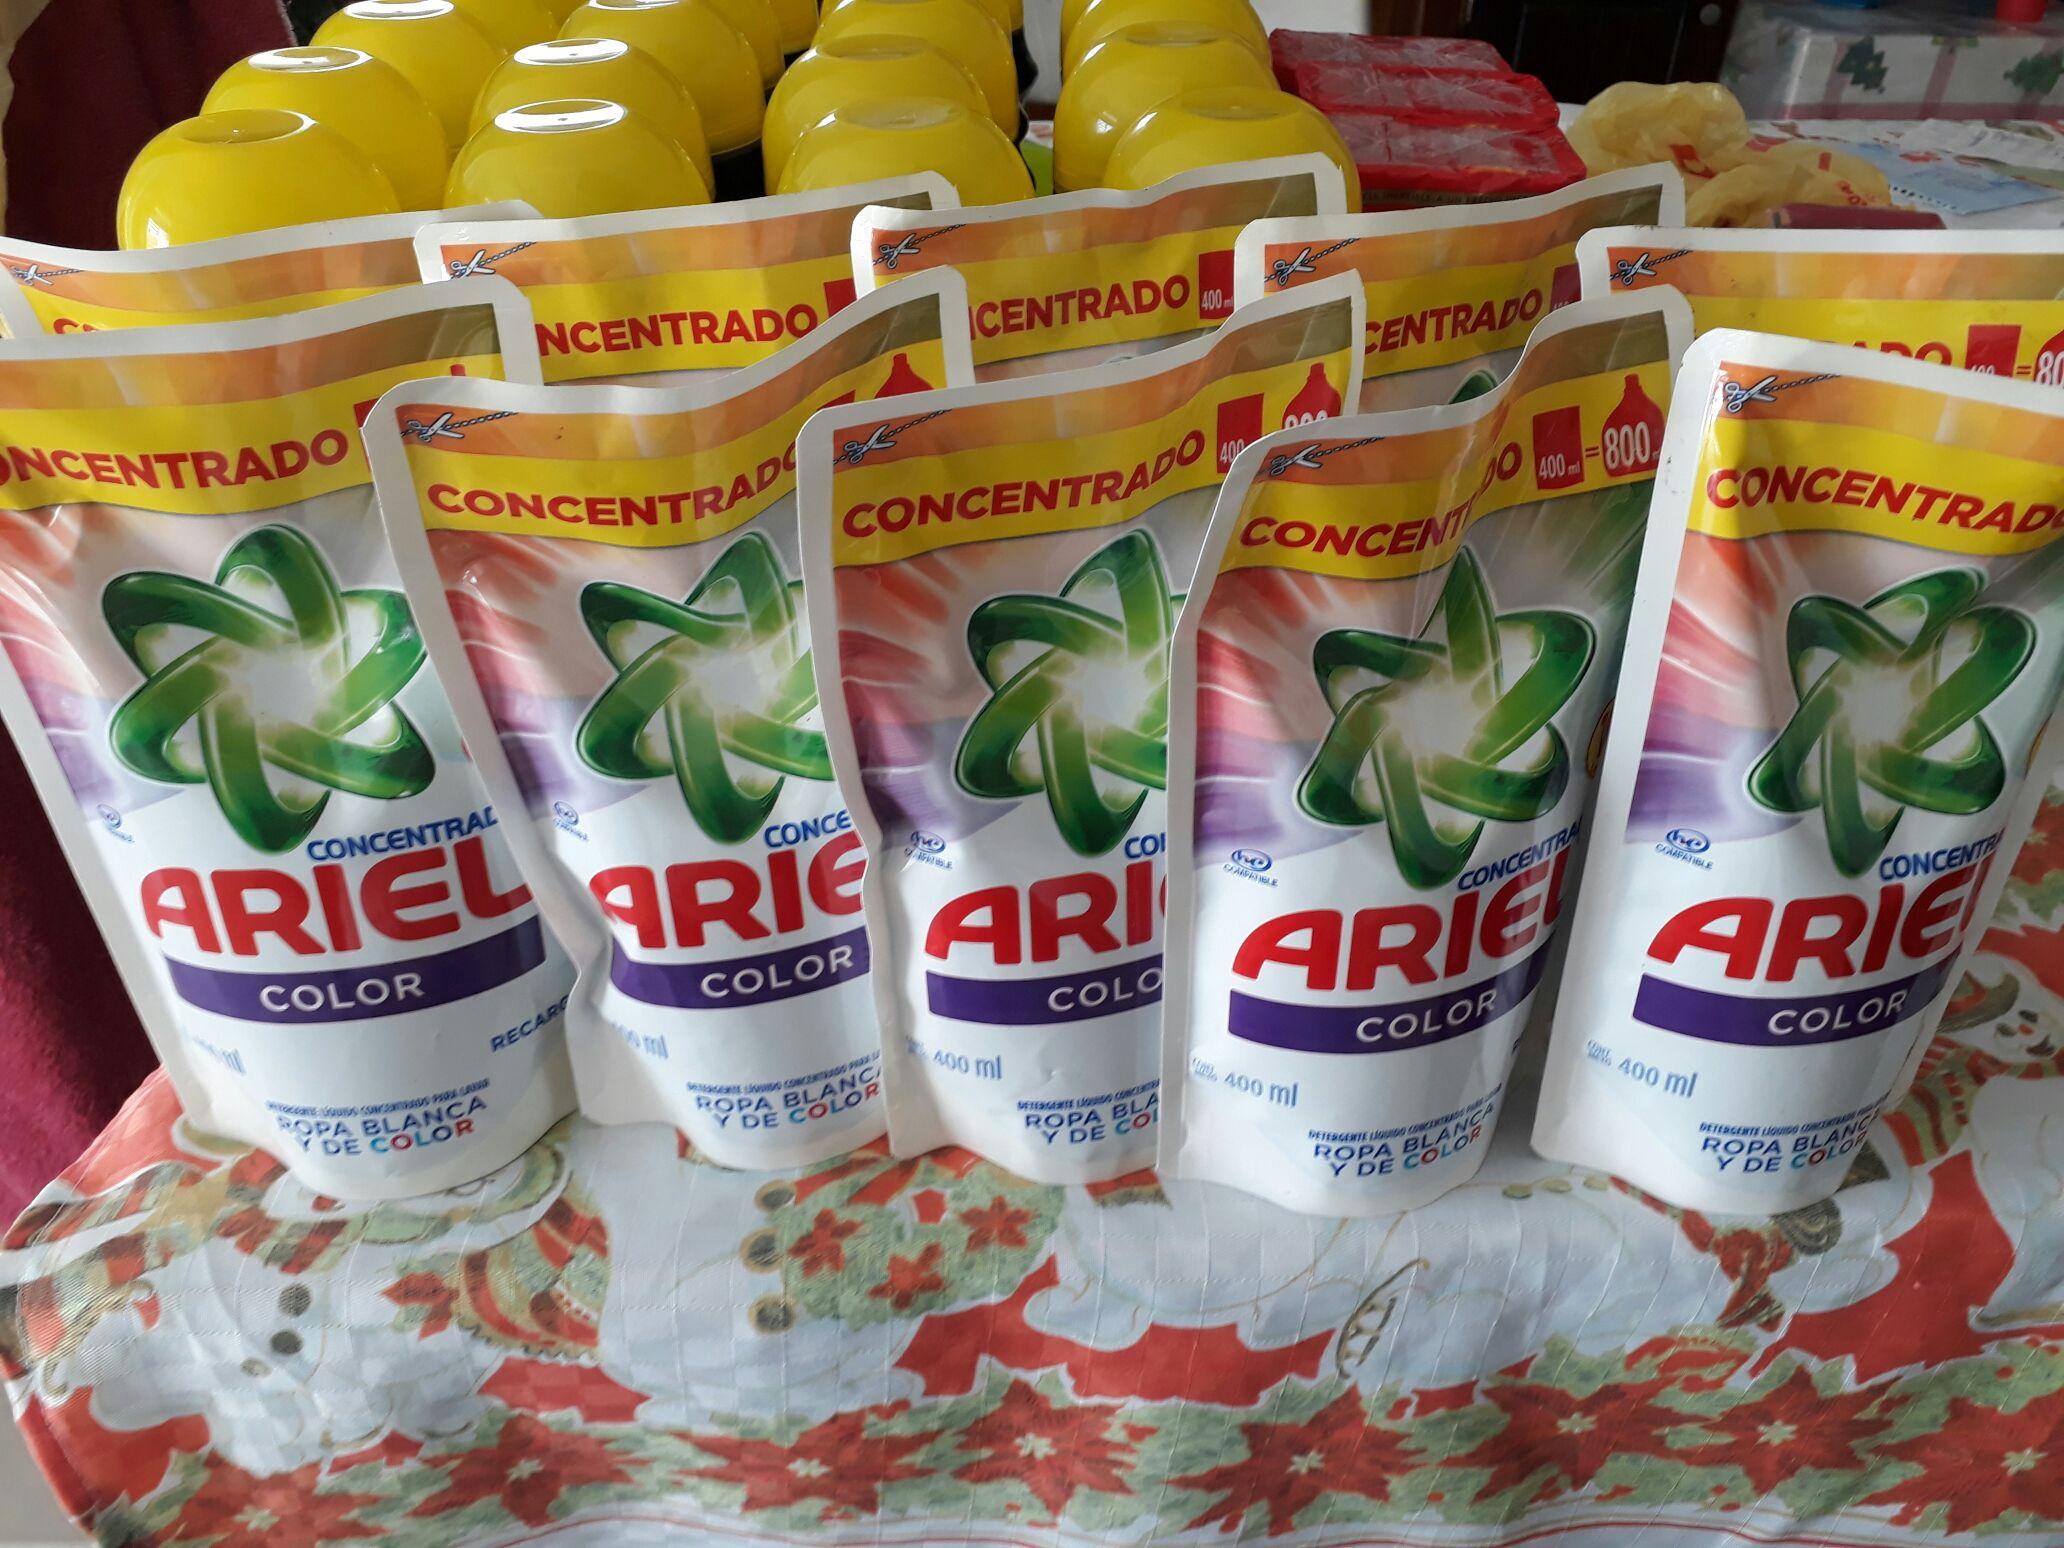 Soriana Hiper jabon liquido Ariel y otras ofertas